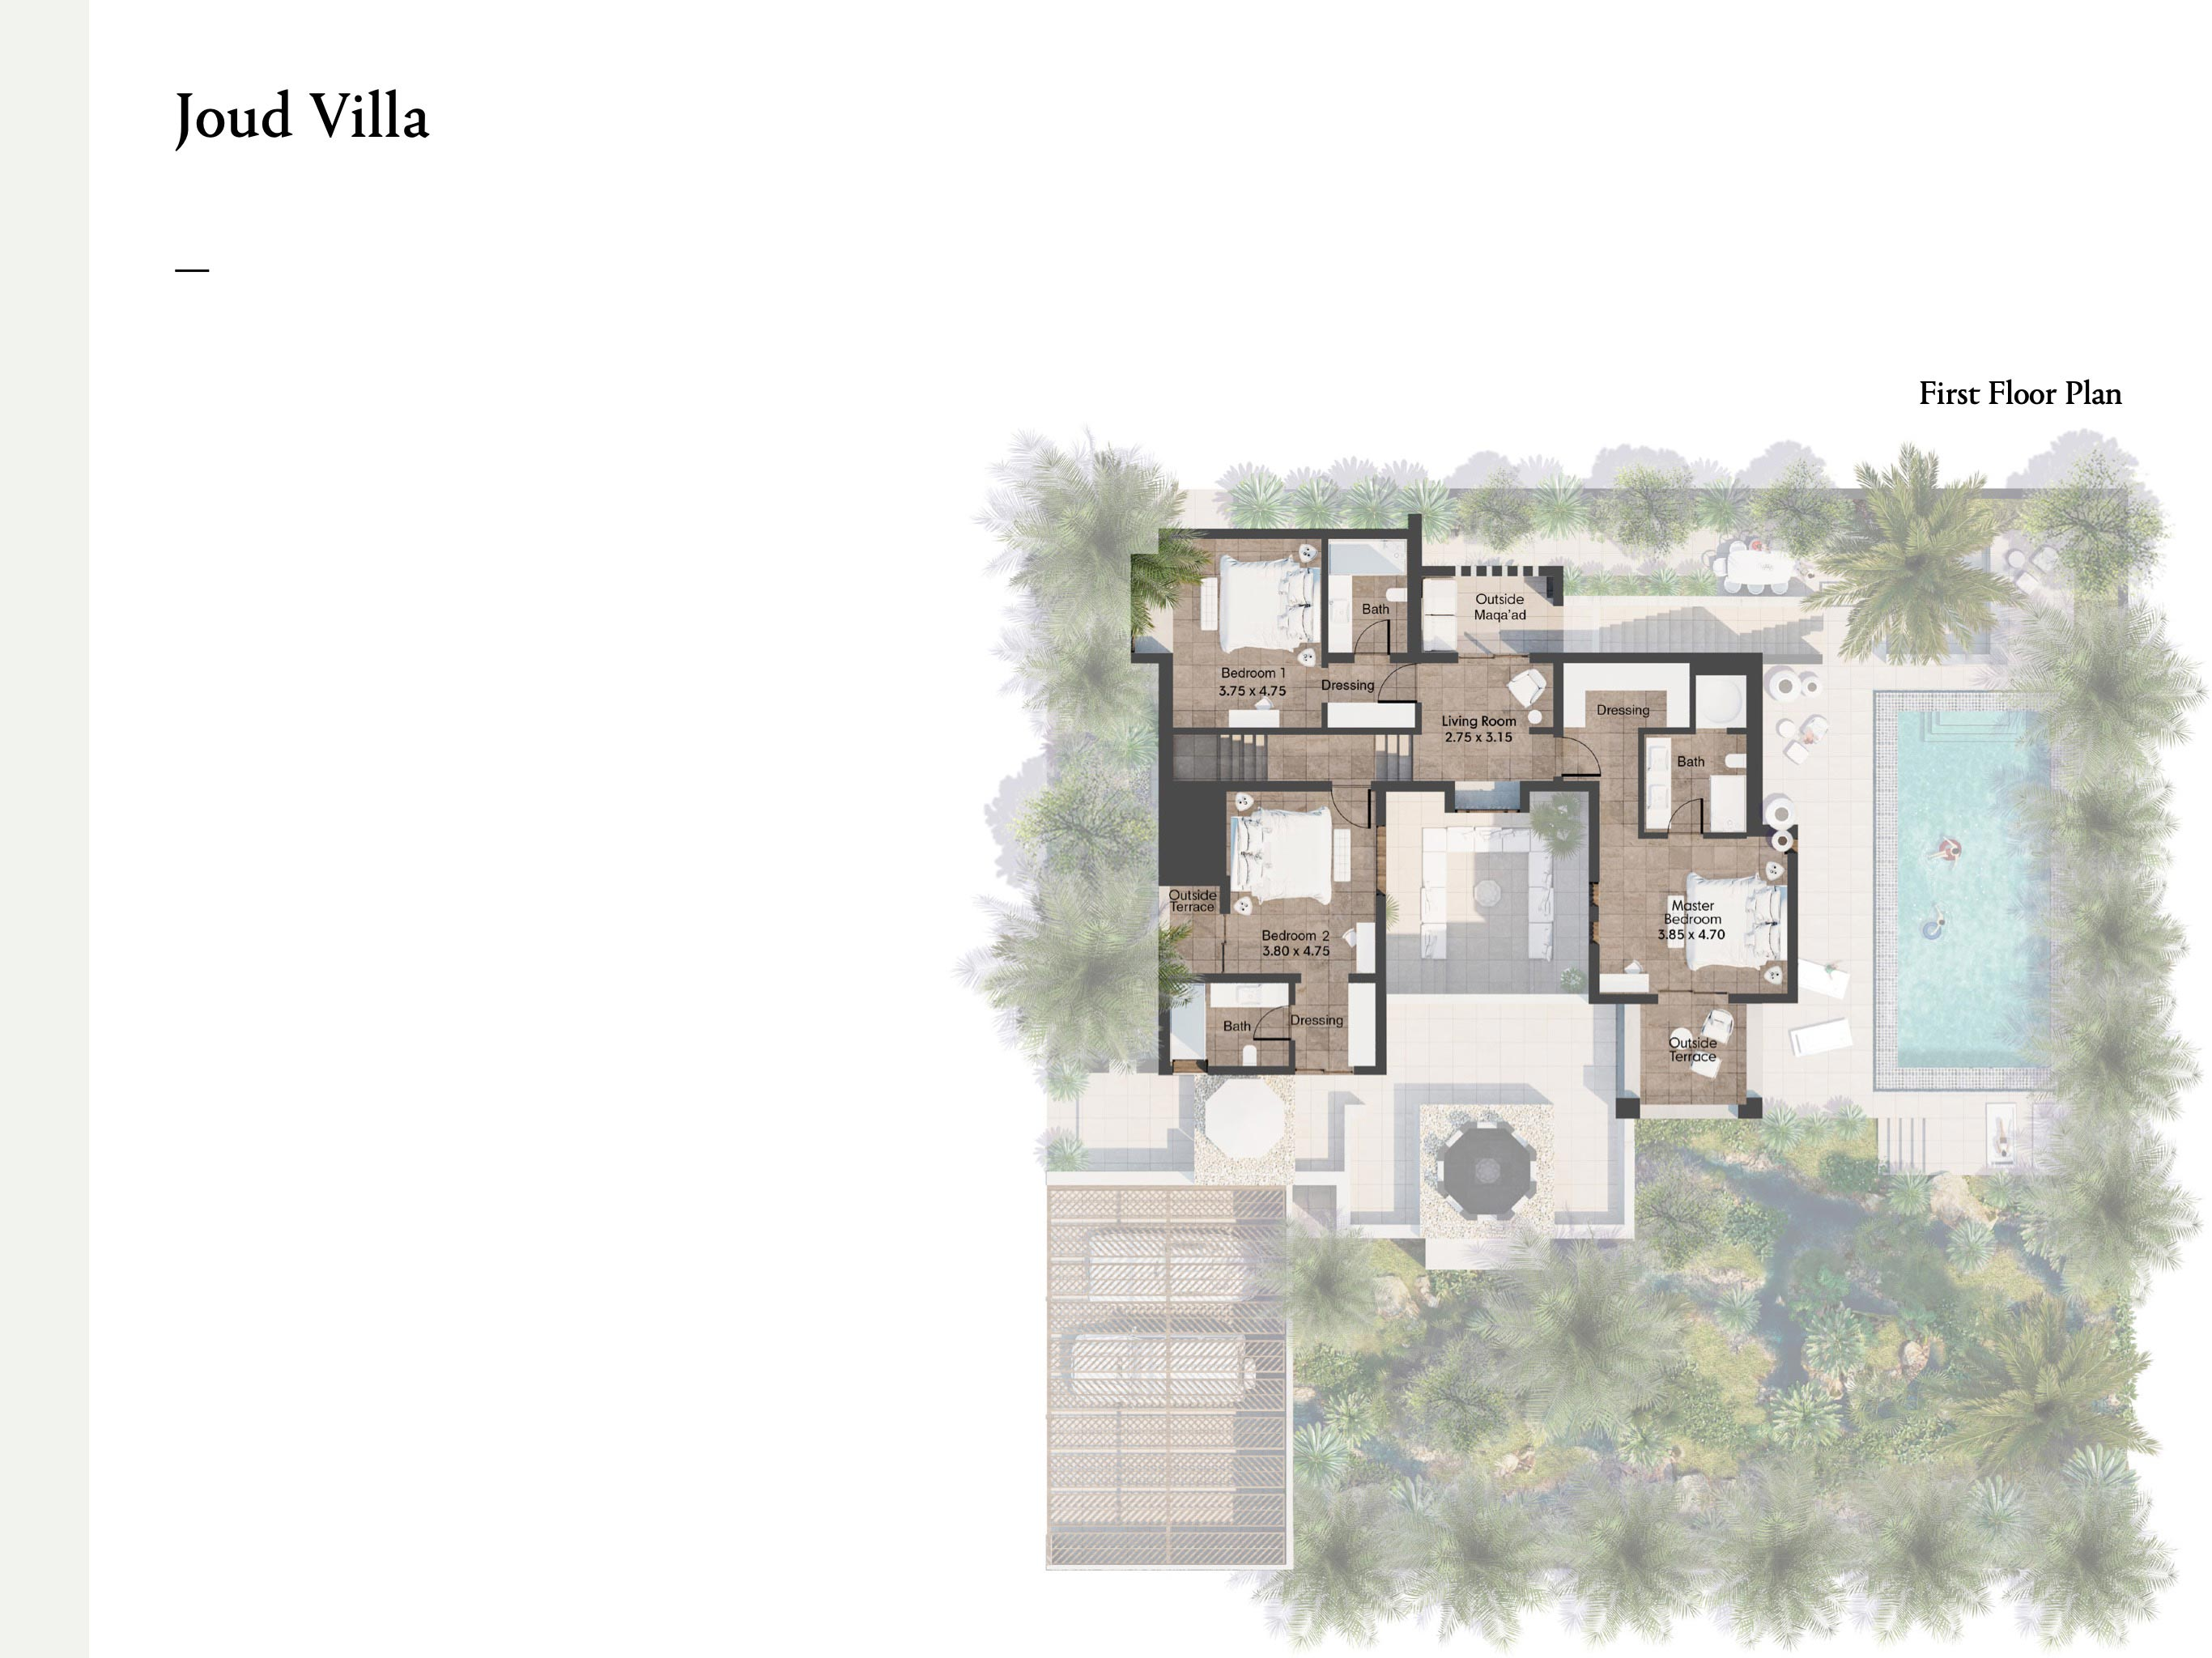 Joud Villas 3 Bedroom Size 422 sqm